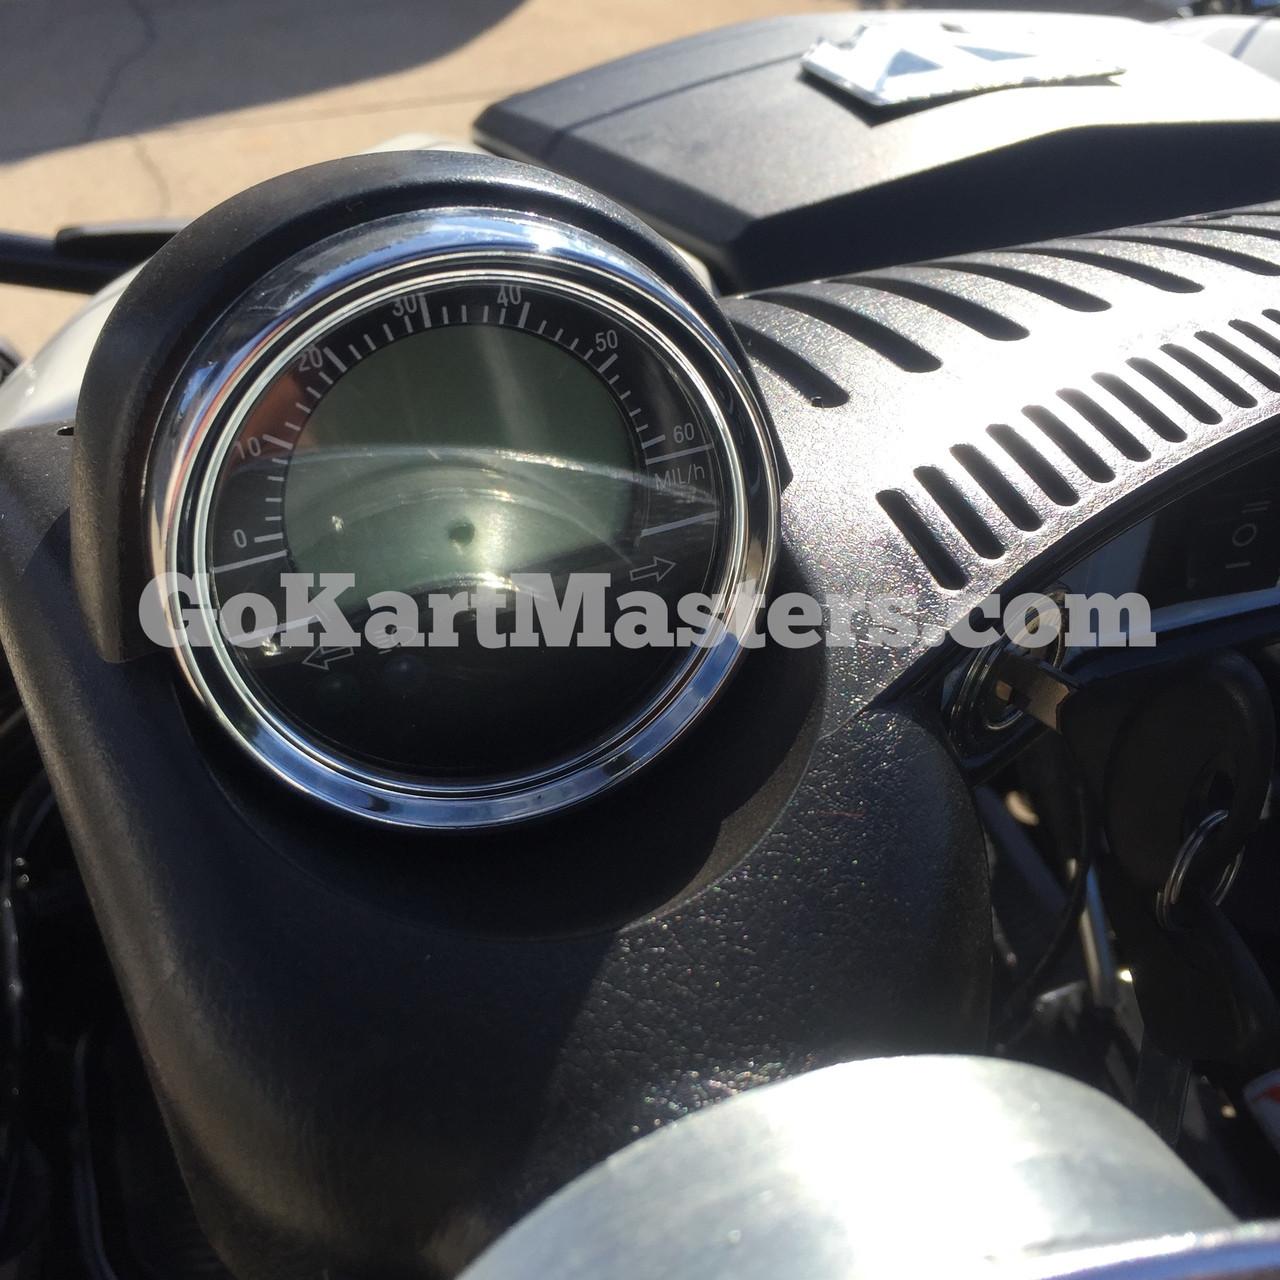 Speedometer & Odometer